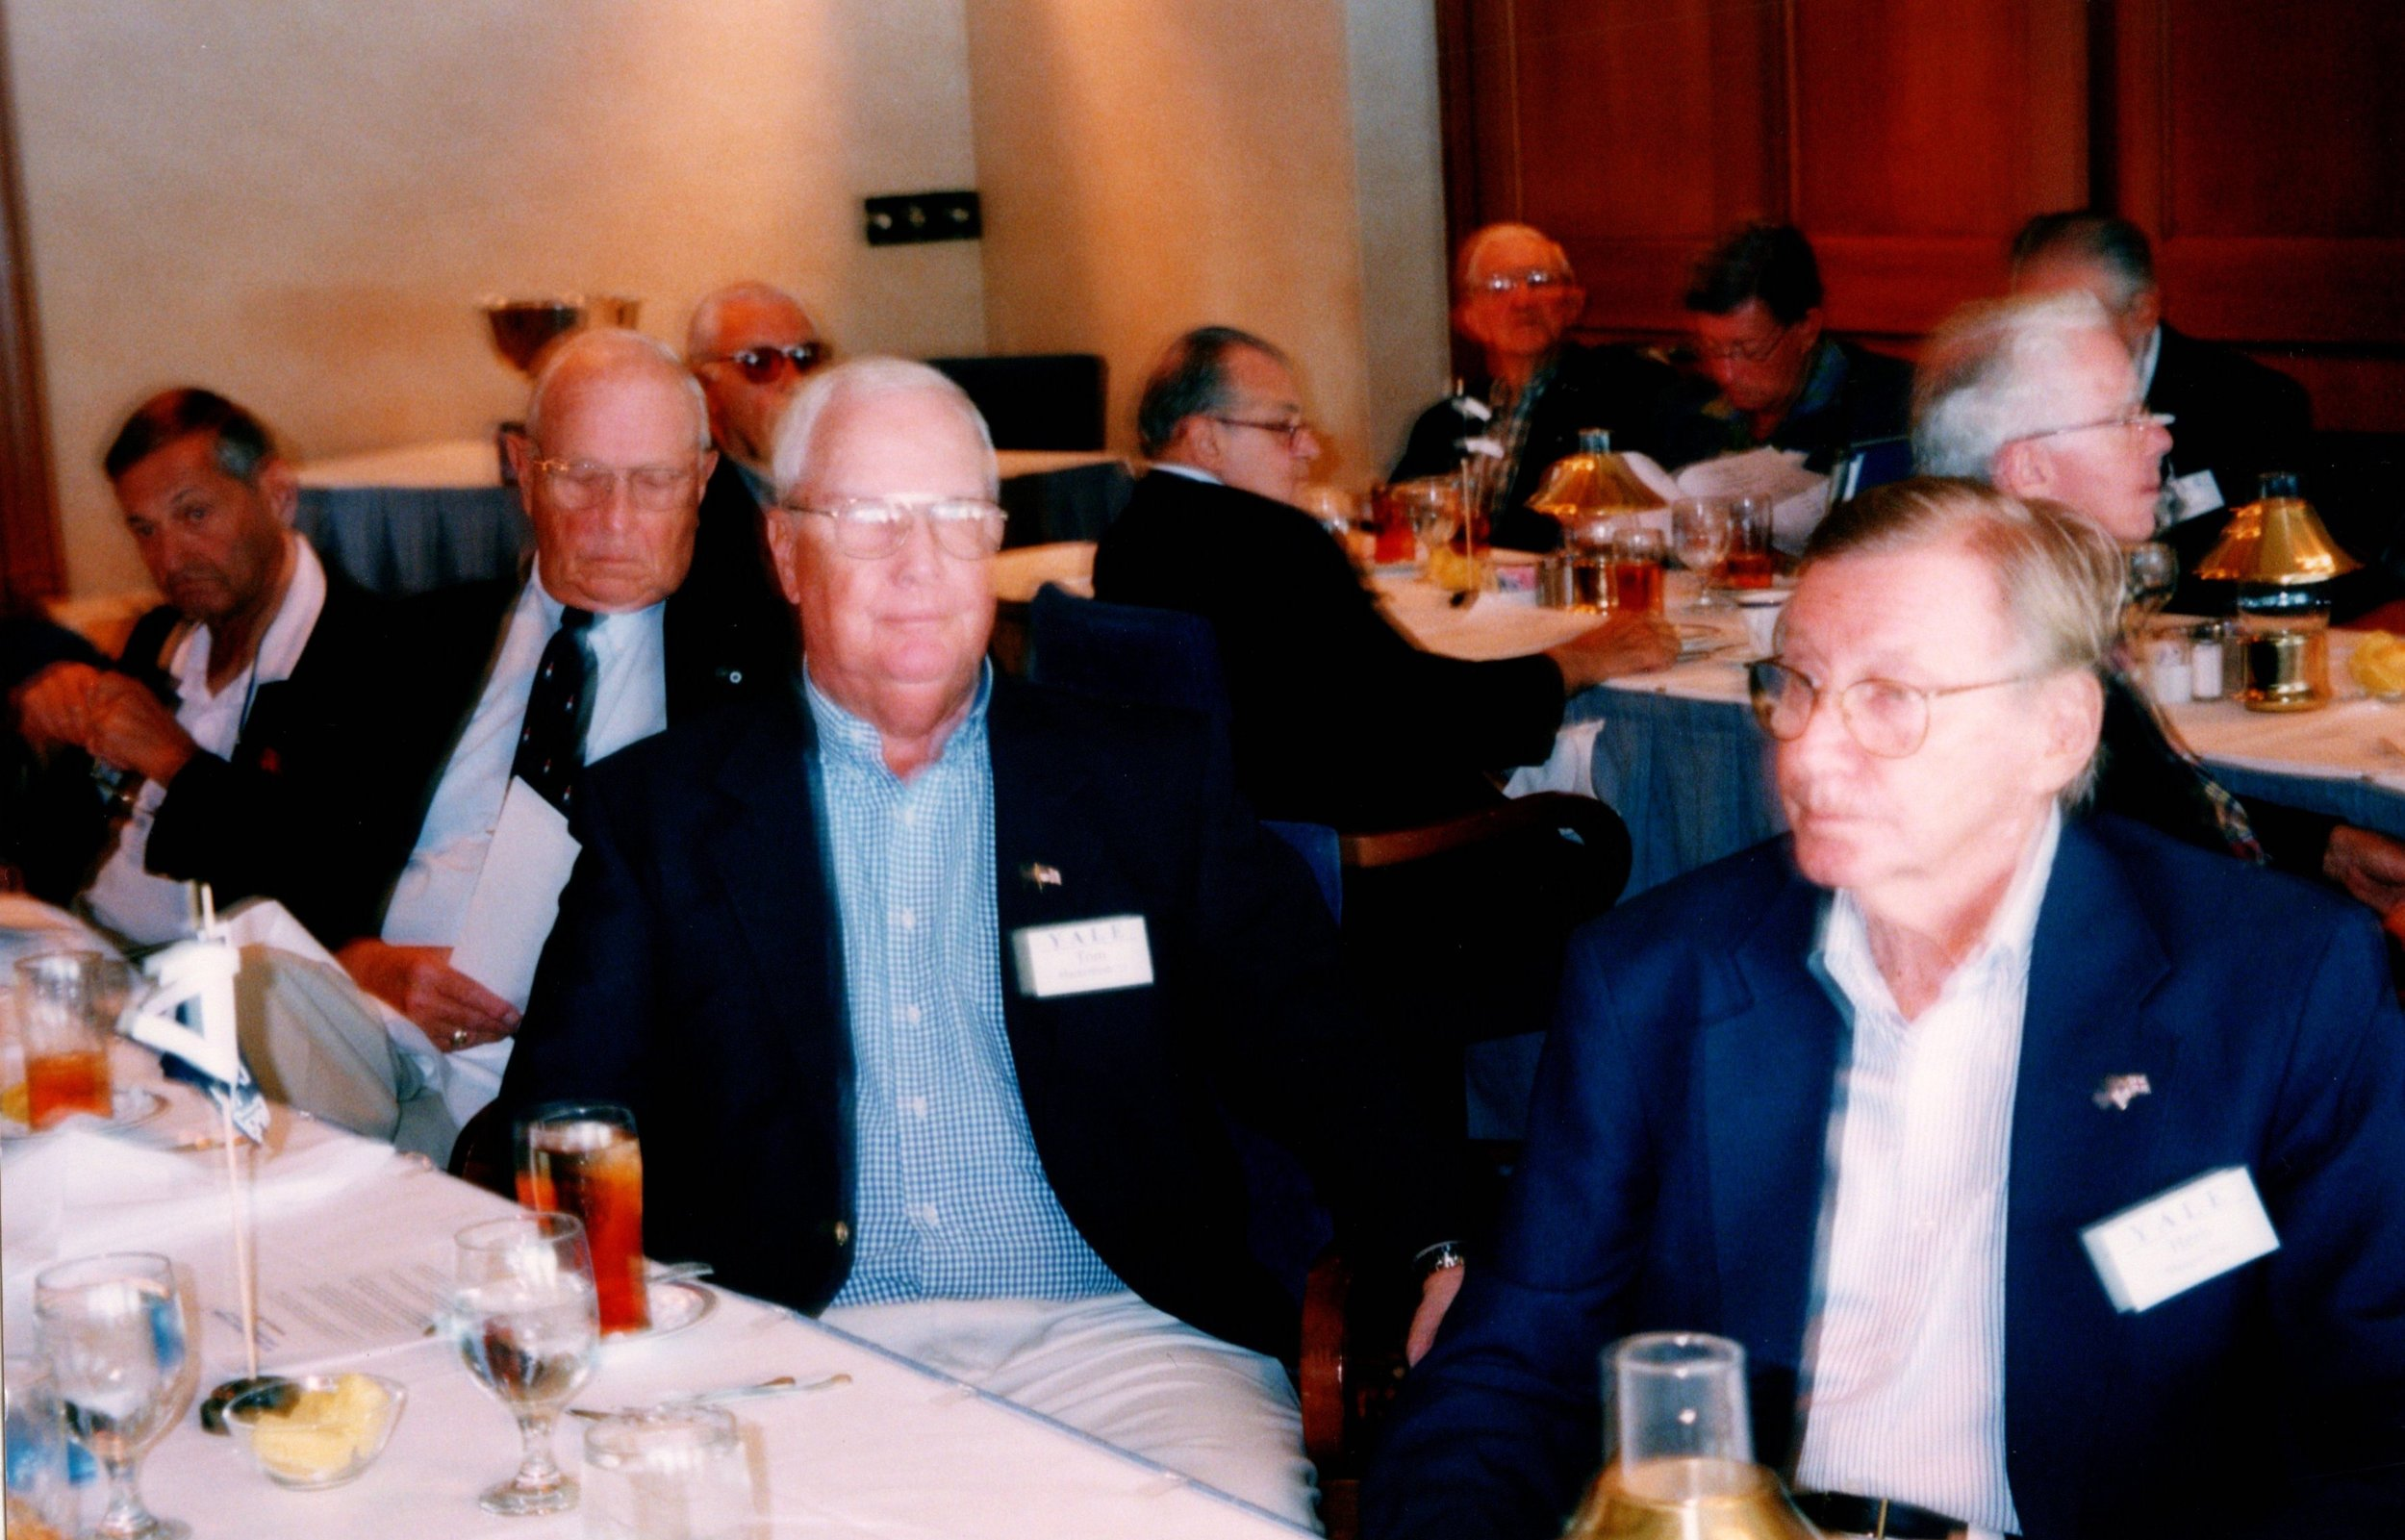 11_13_2003 - ANNUAL MEETING OF MEMBERS 8.jpg